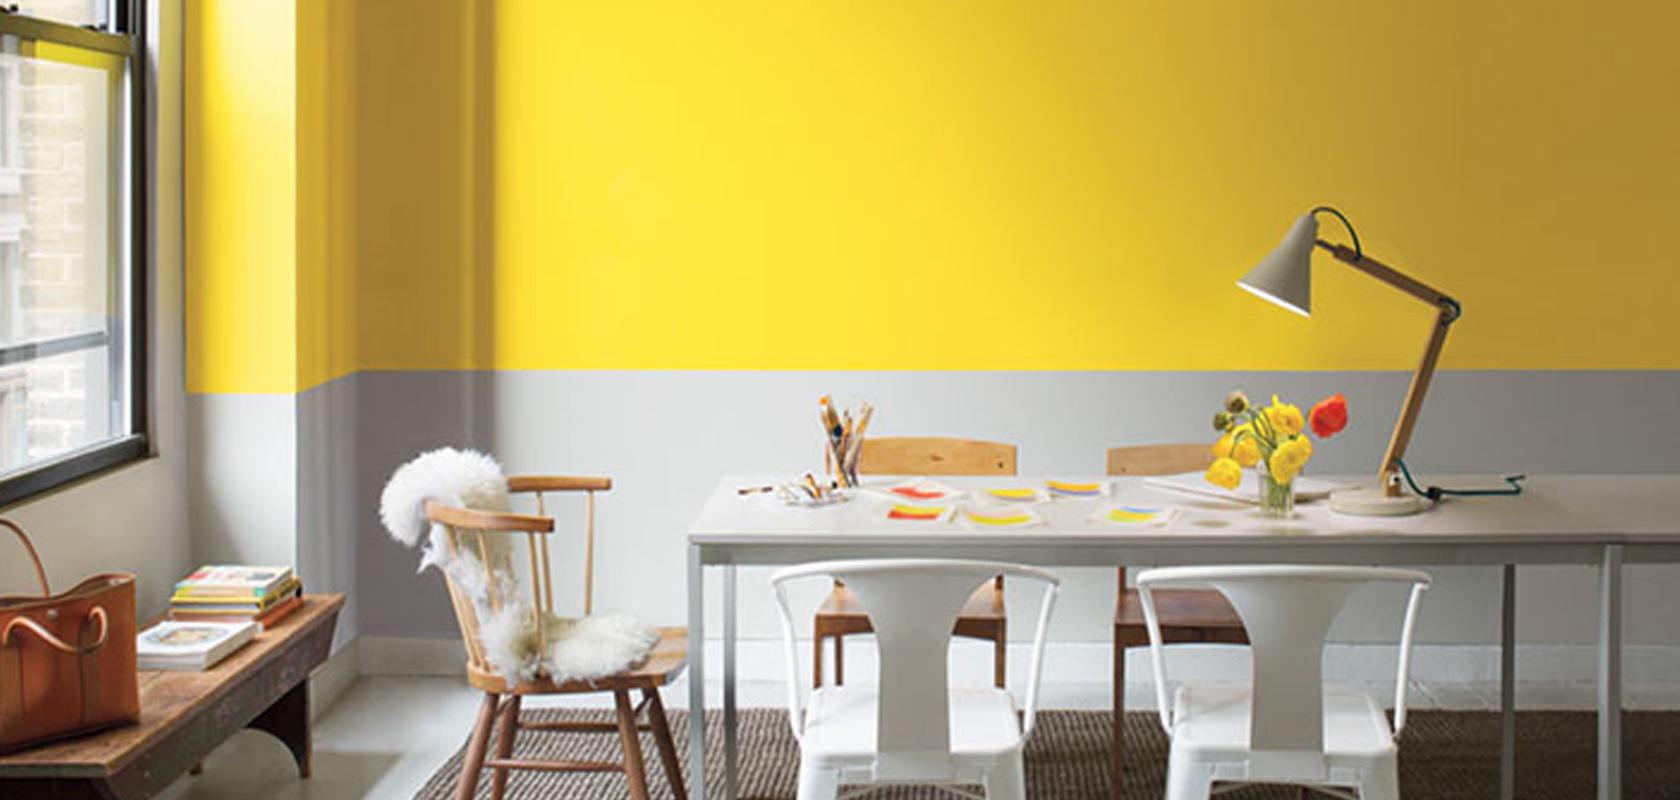 Dining Room scene